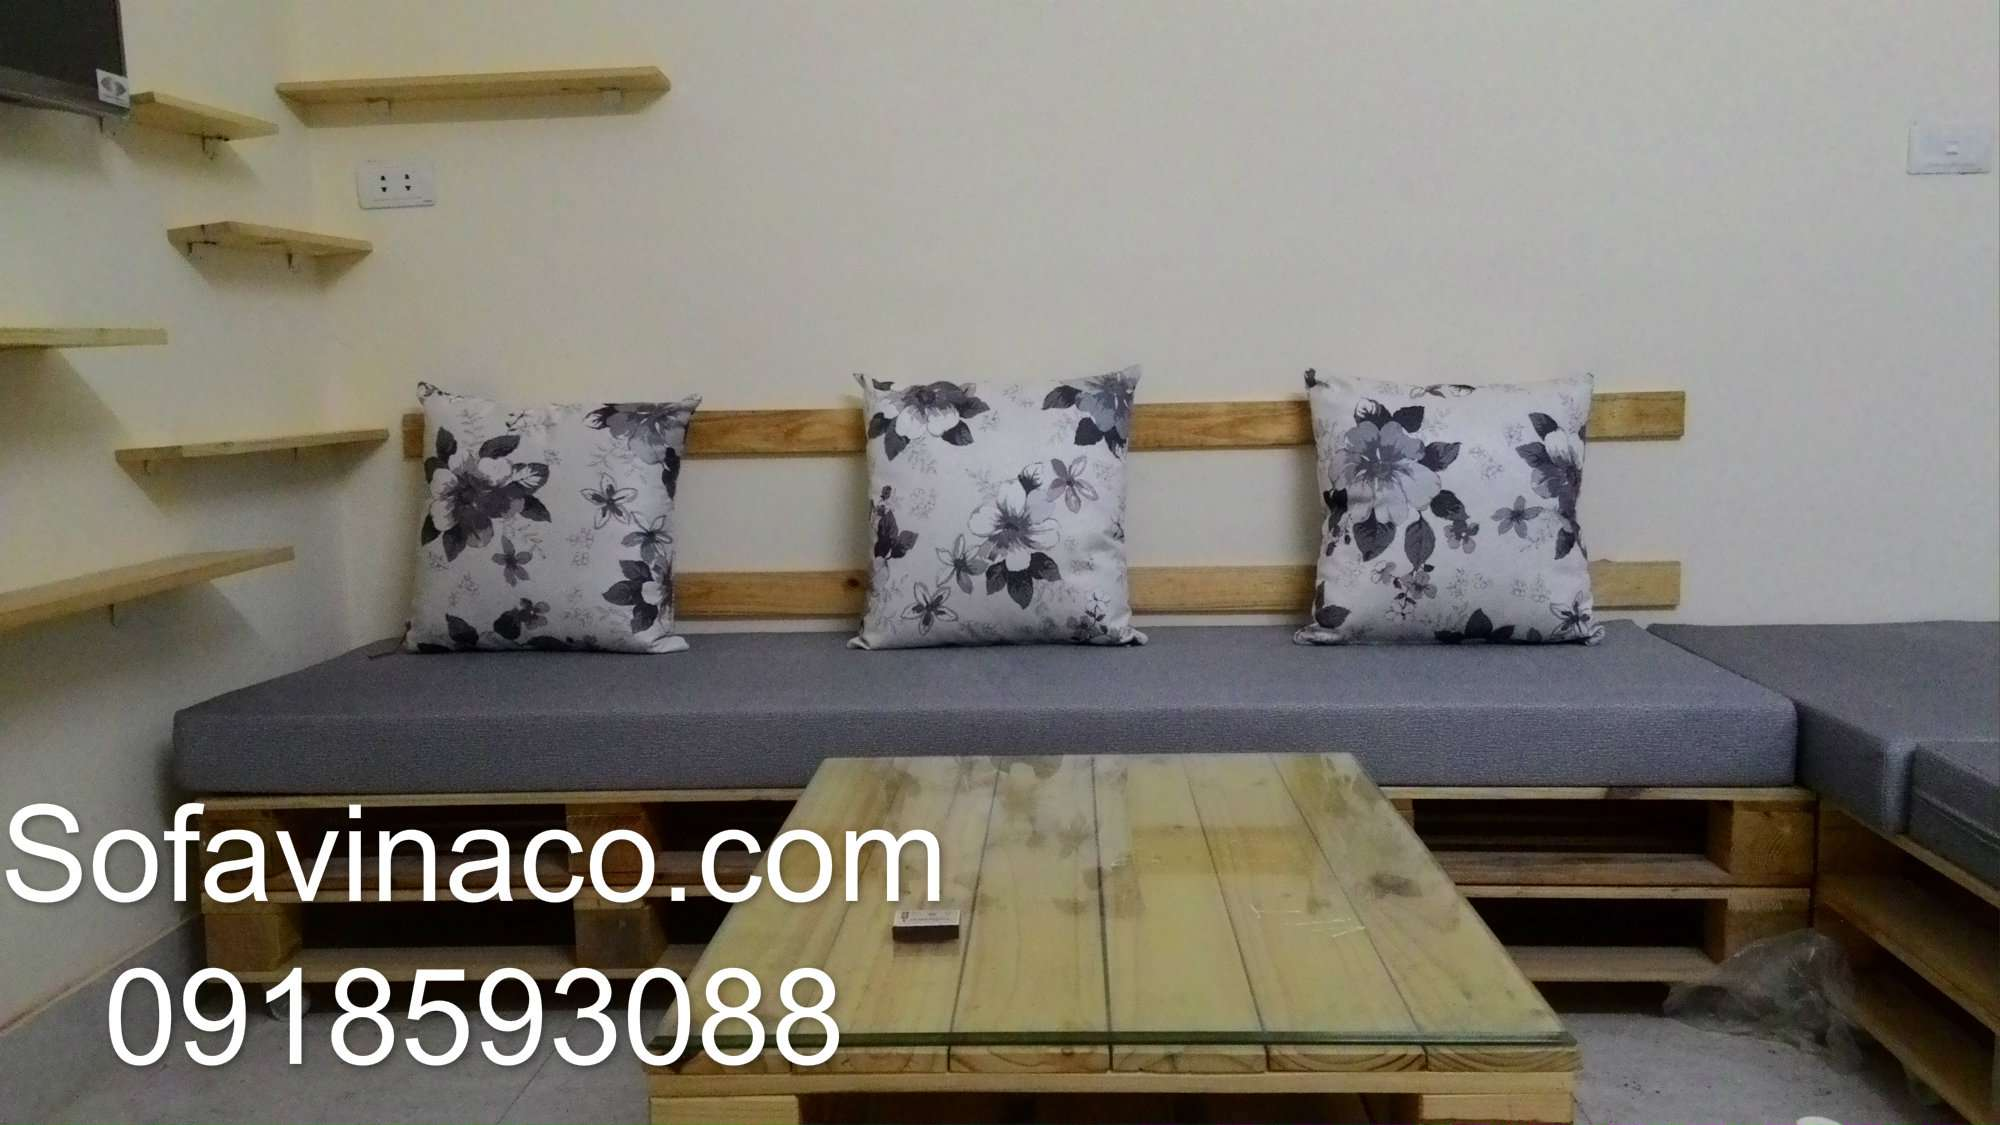 Đệm ghế sofa gỗ nhà chị Thúy đường 8-3 Minh Khai